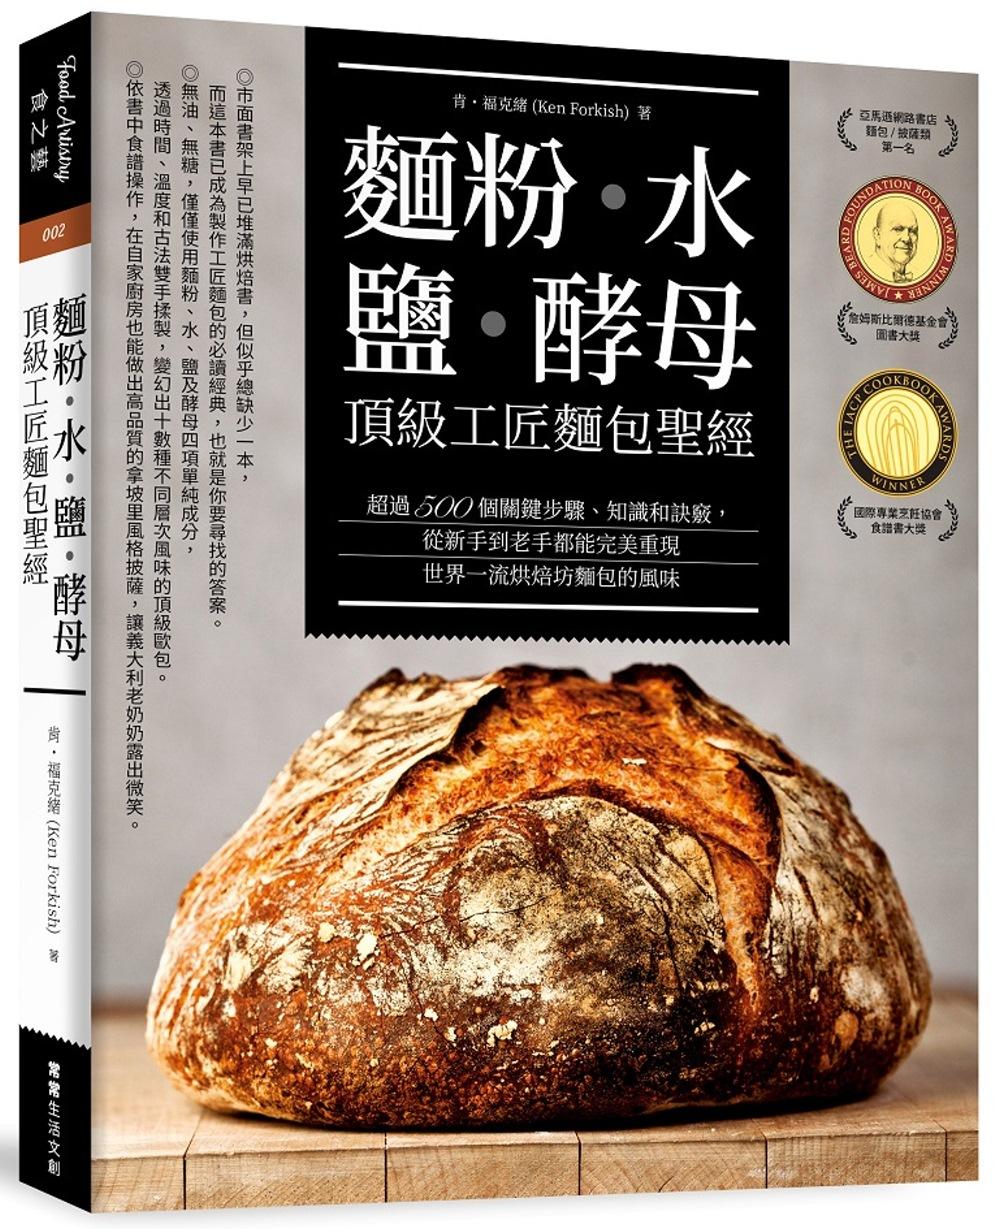 麵粉‧水‧鹽‧酵母-頂級工匠麵包聖經:超過500個關鍵步驟、知識和訣竅,從新手到老手都能完美重現世界一流烘焙坊的麵包風味